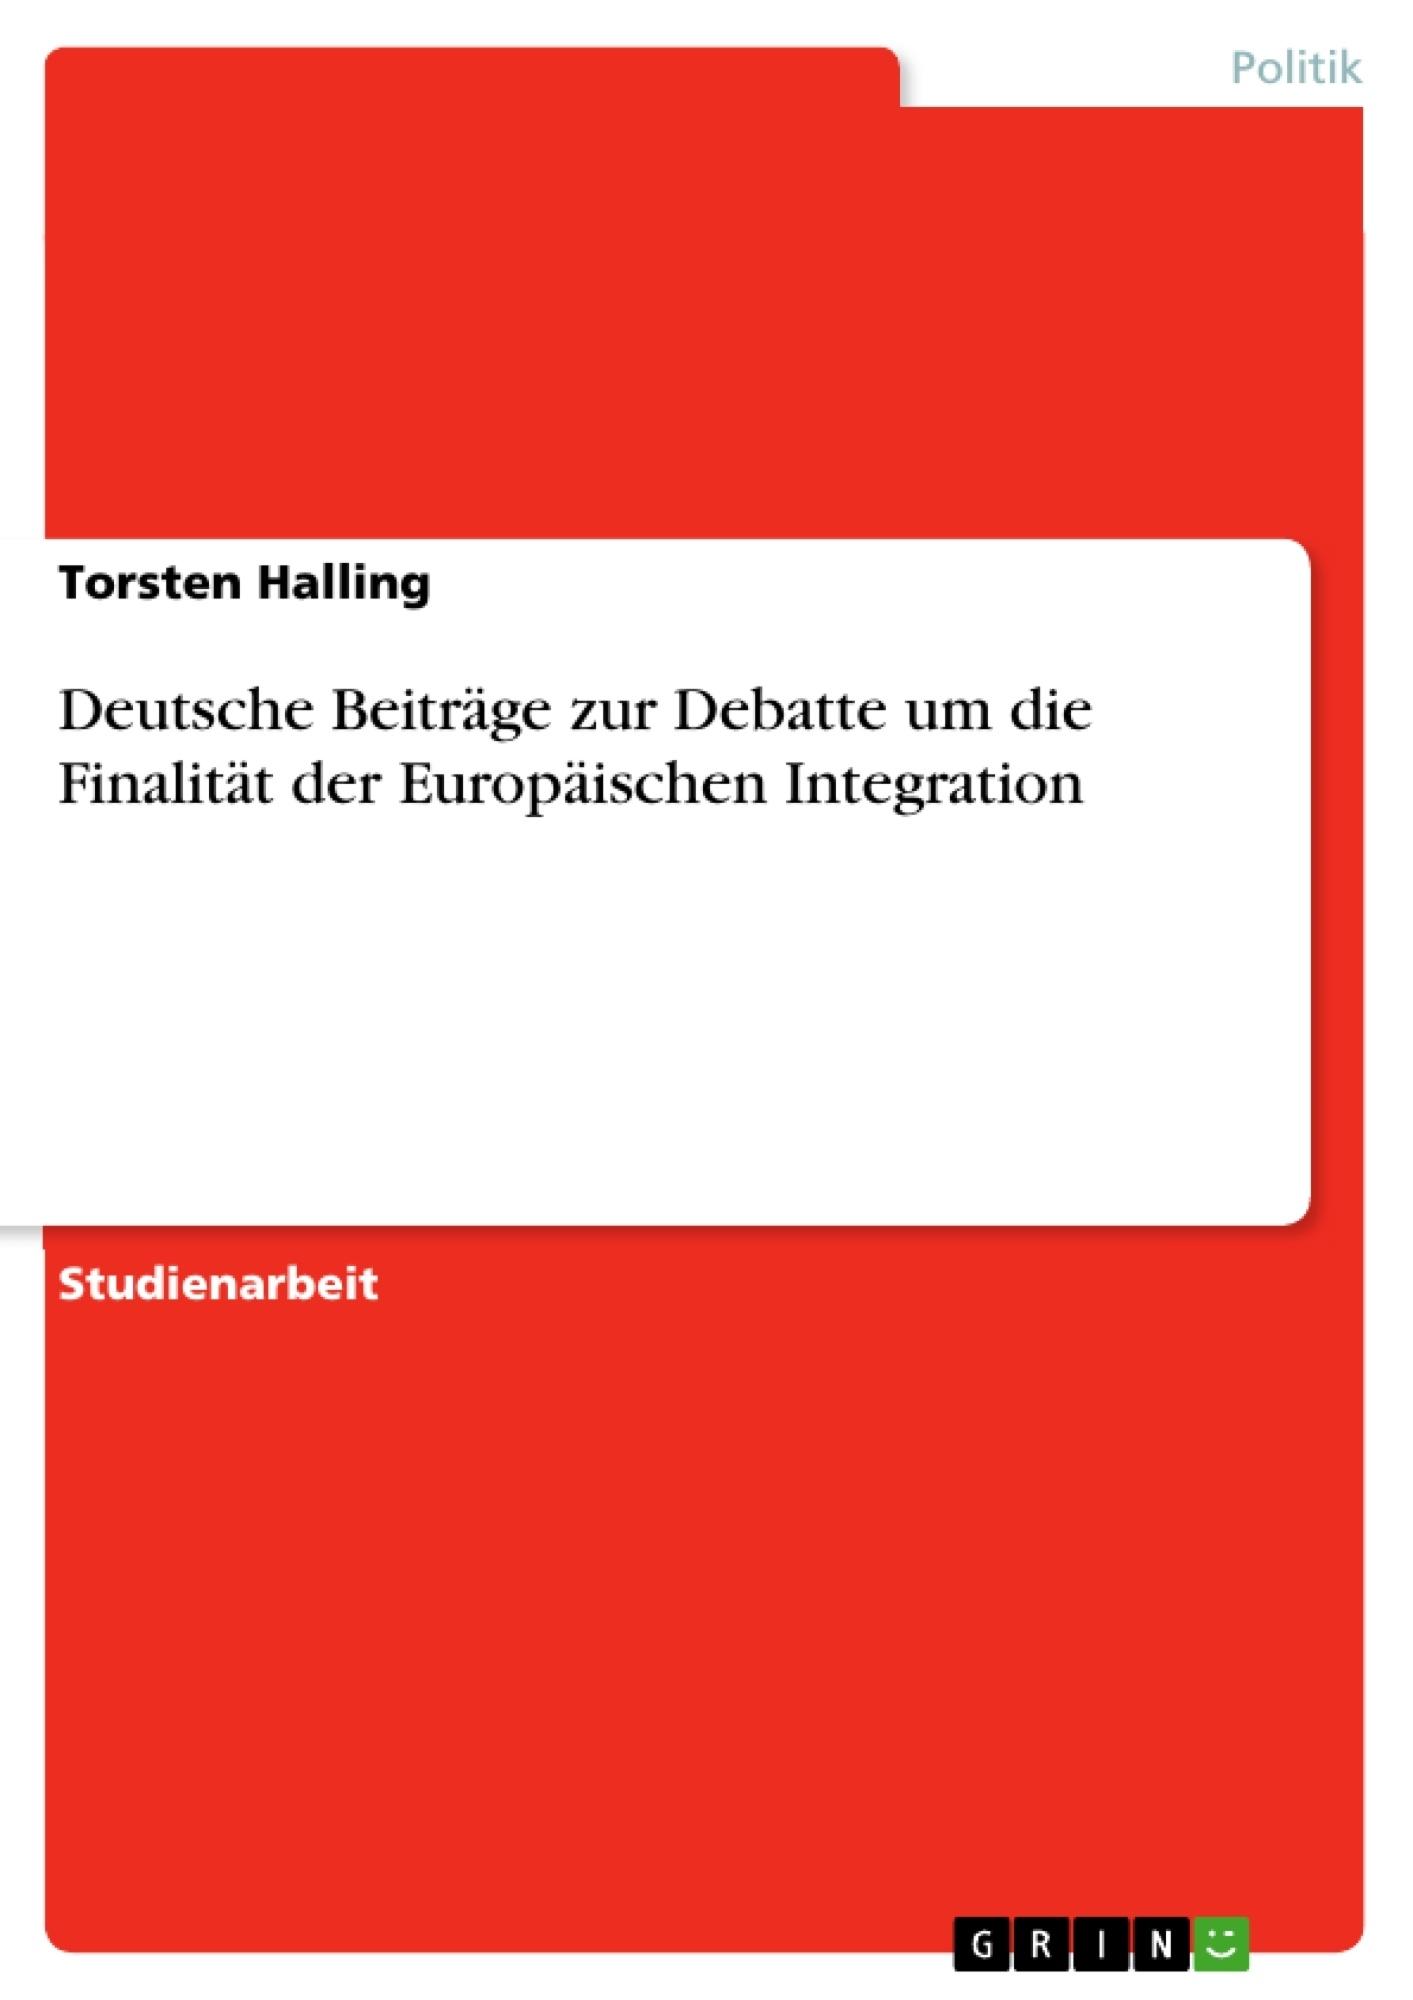 Titel: Deutsche Beiträge zur Debatte um die Finalität der Europäischen Integration